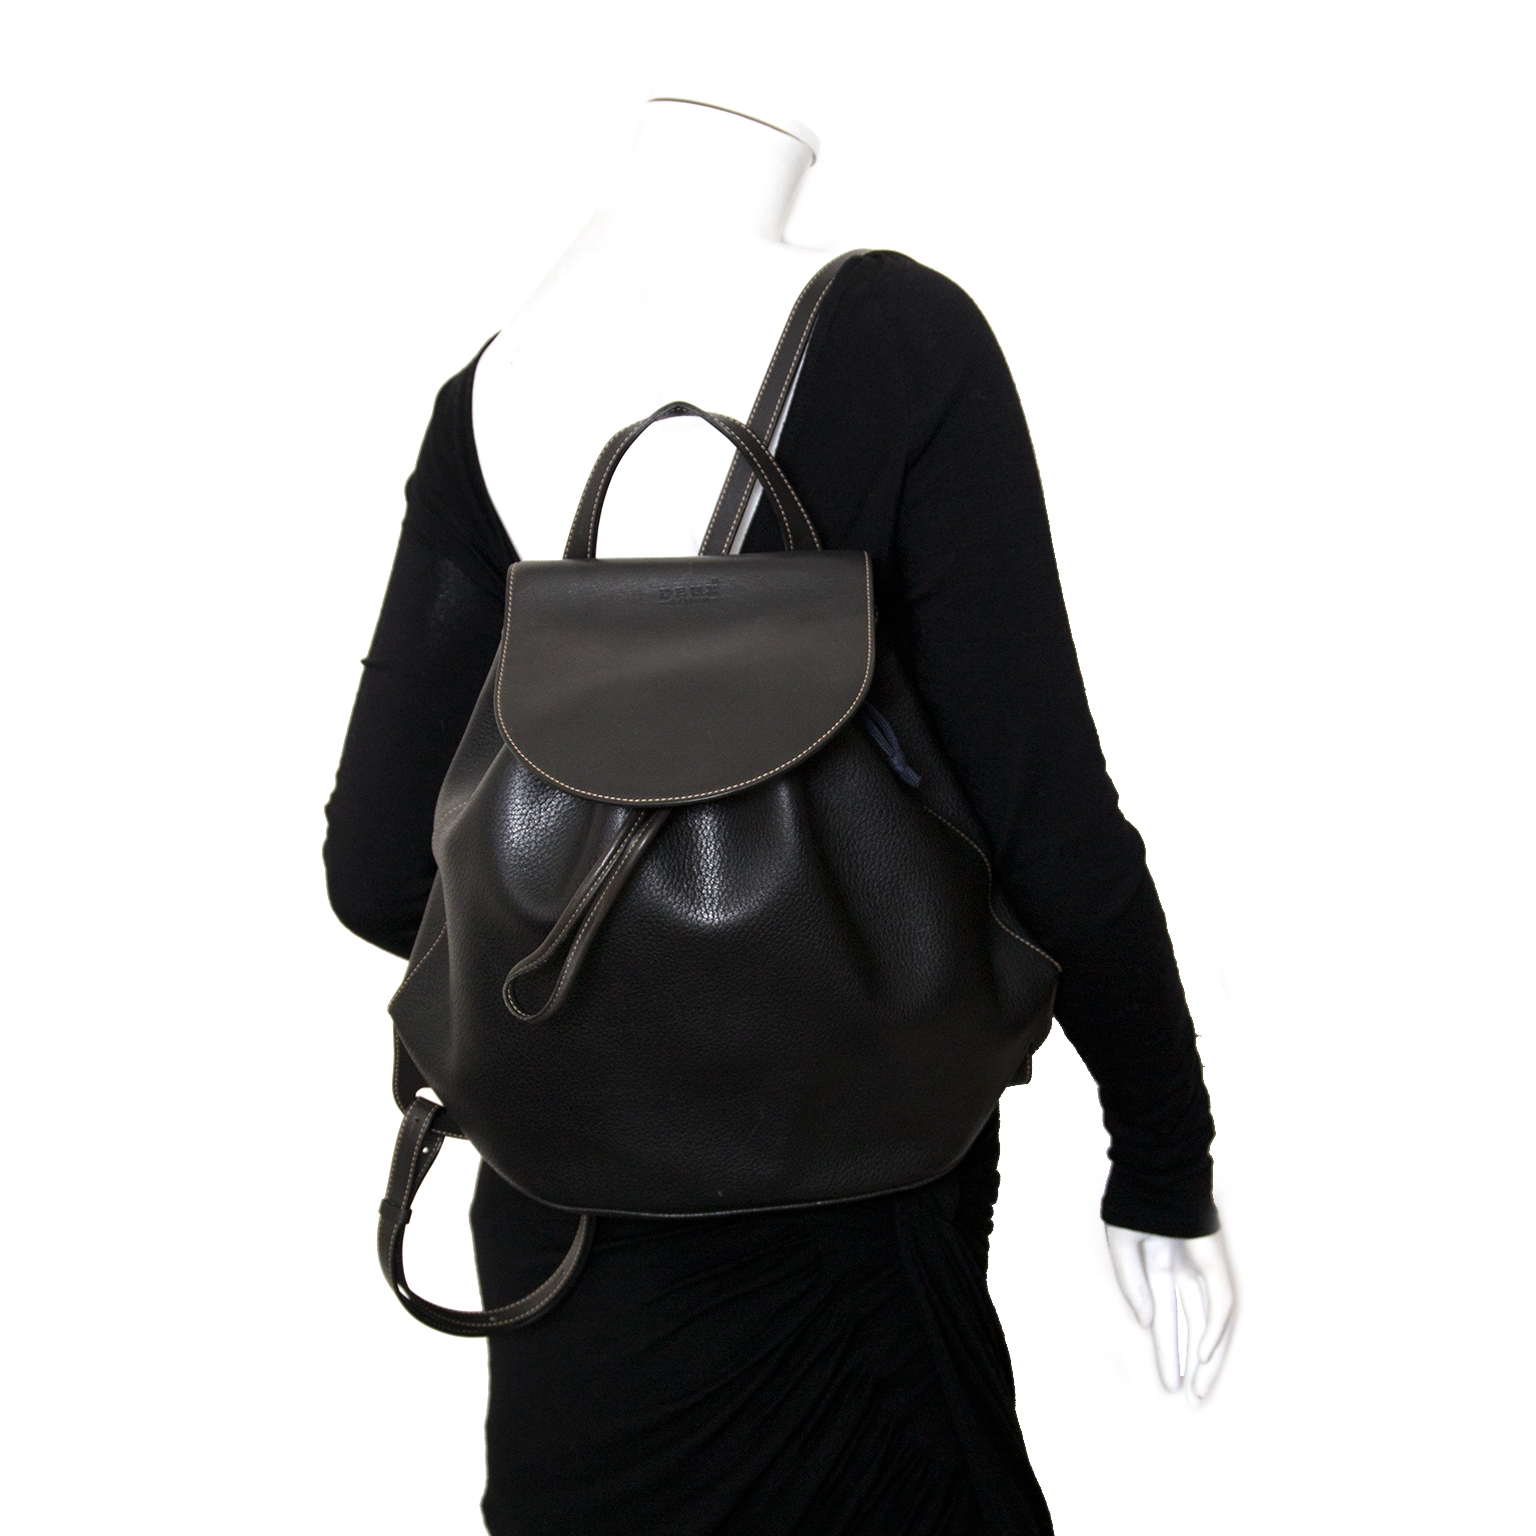 koop deux de delvaux rugzakken bij labellov vintage mode webshop